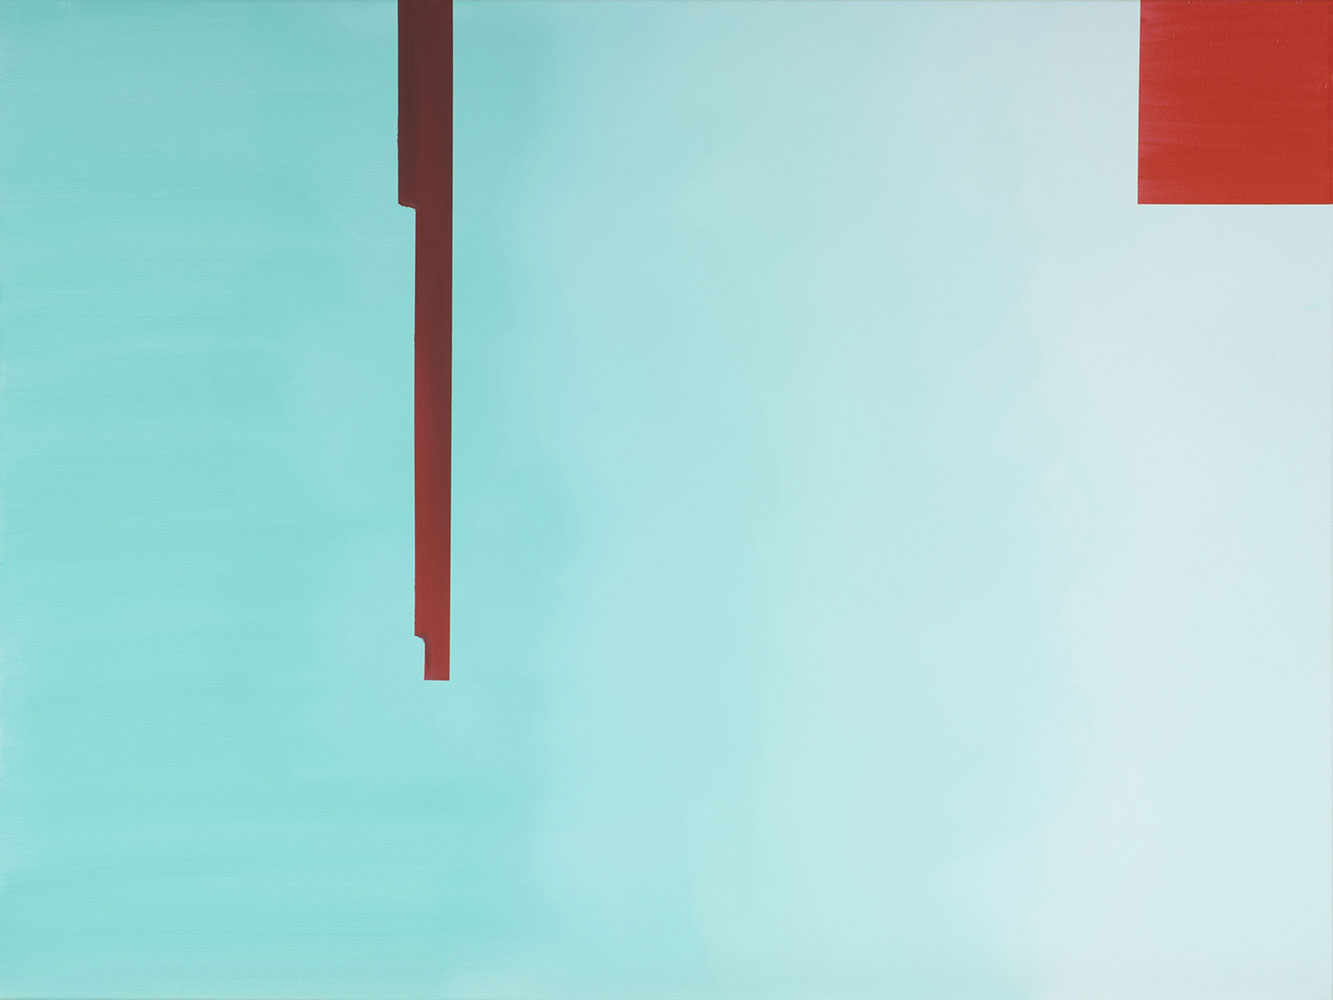 Wanda Koop, In Absentia (Pale Aqua - Scarlet Red)